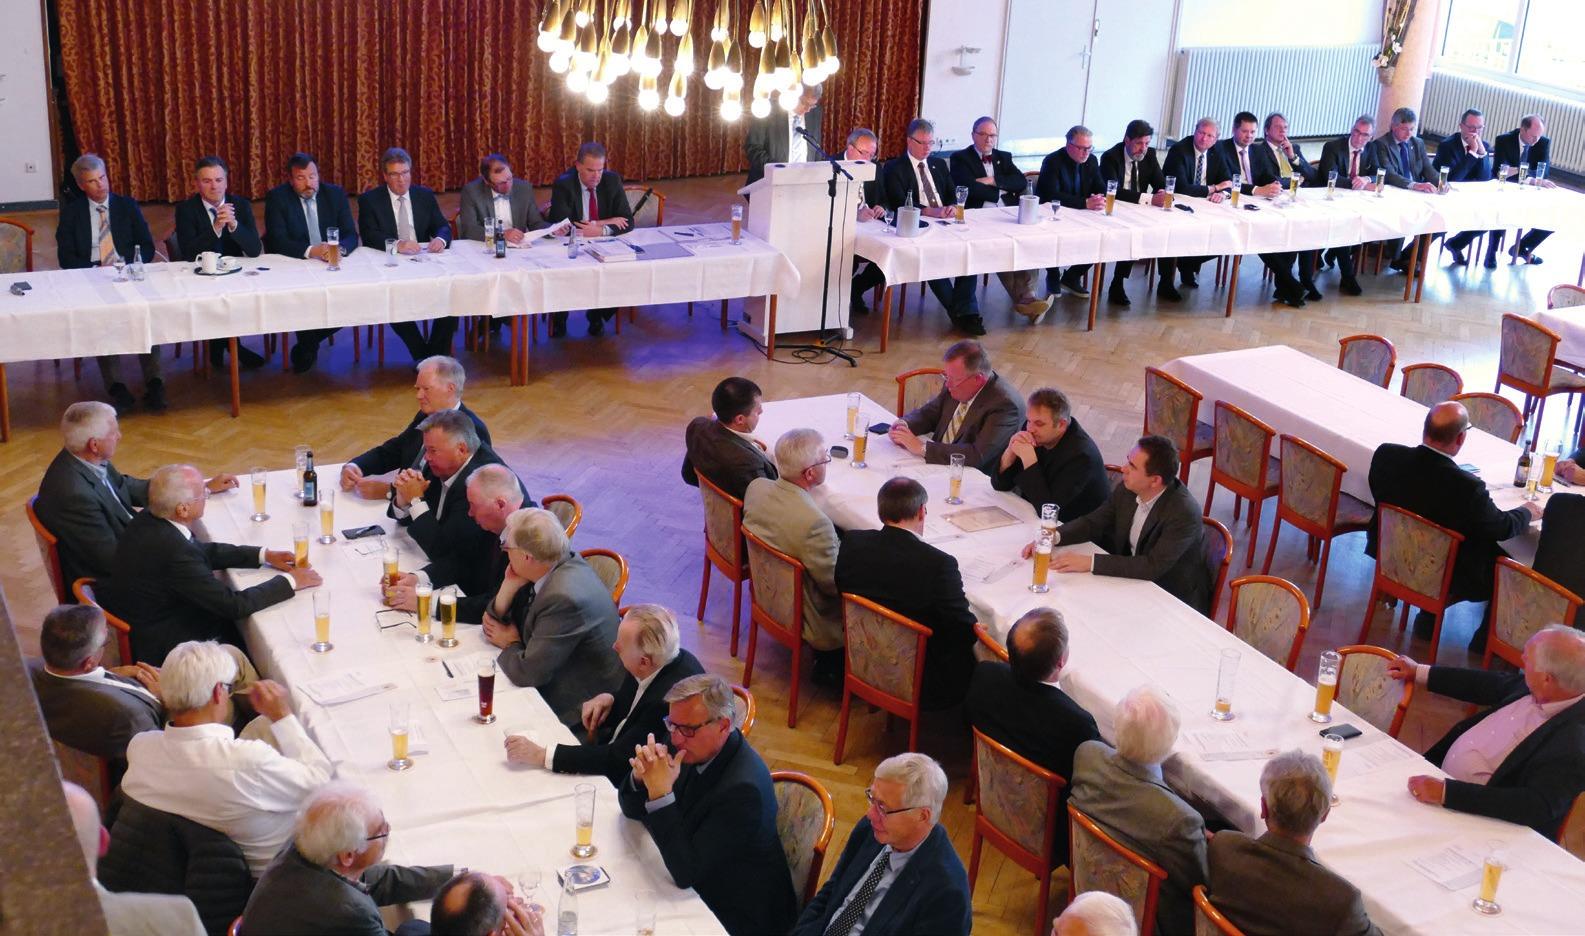 Rund 80 Mitglieder kamen zur Versammlung in den Gildesaal.